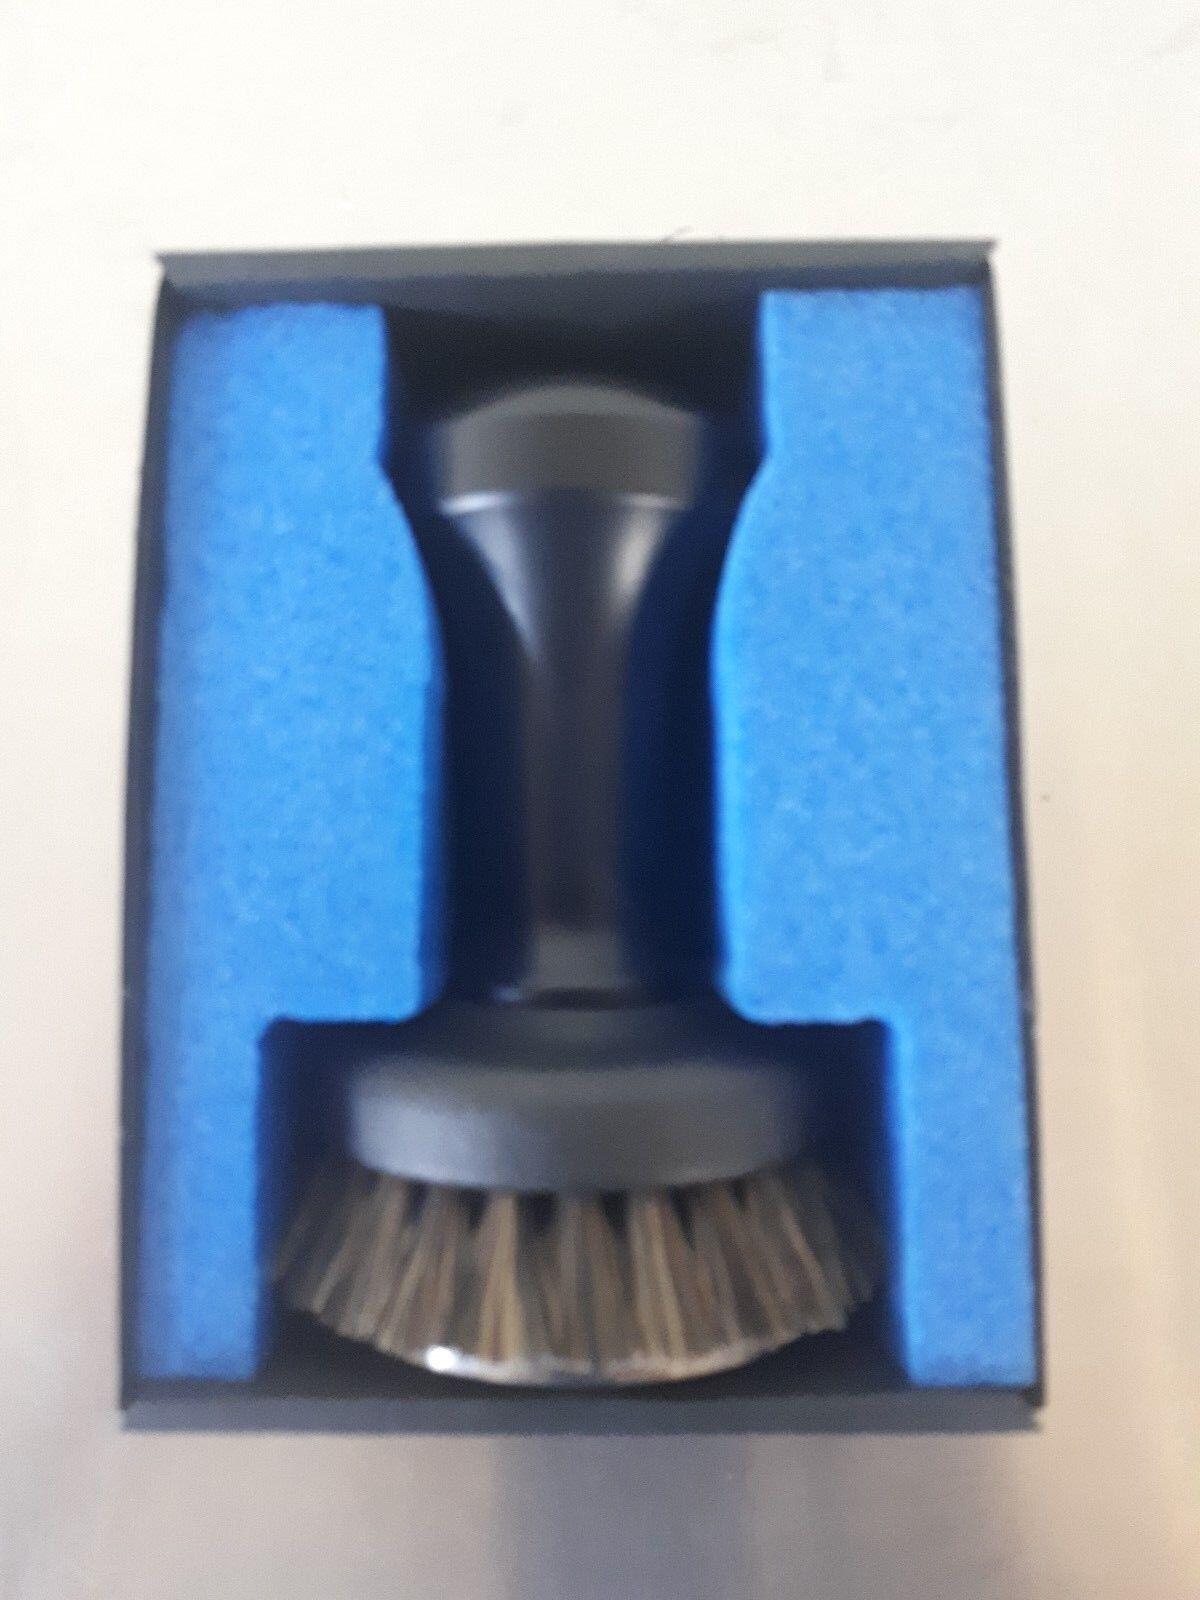 Professional Espresso Tamper avec brosse en acier inoxydable noir 58 mm MADE IN ITALY